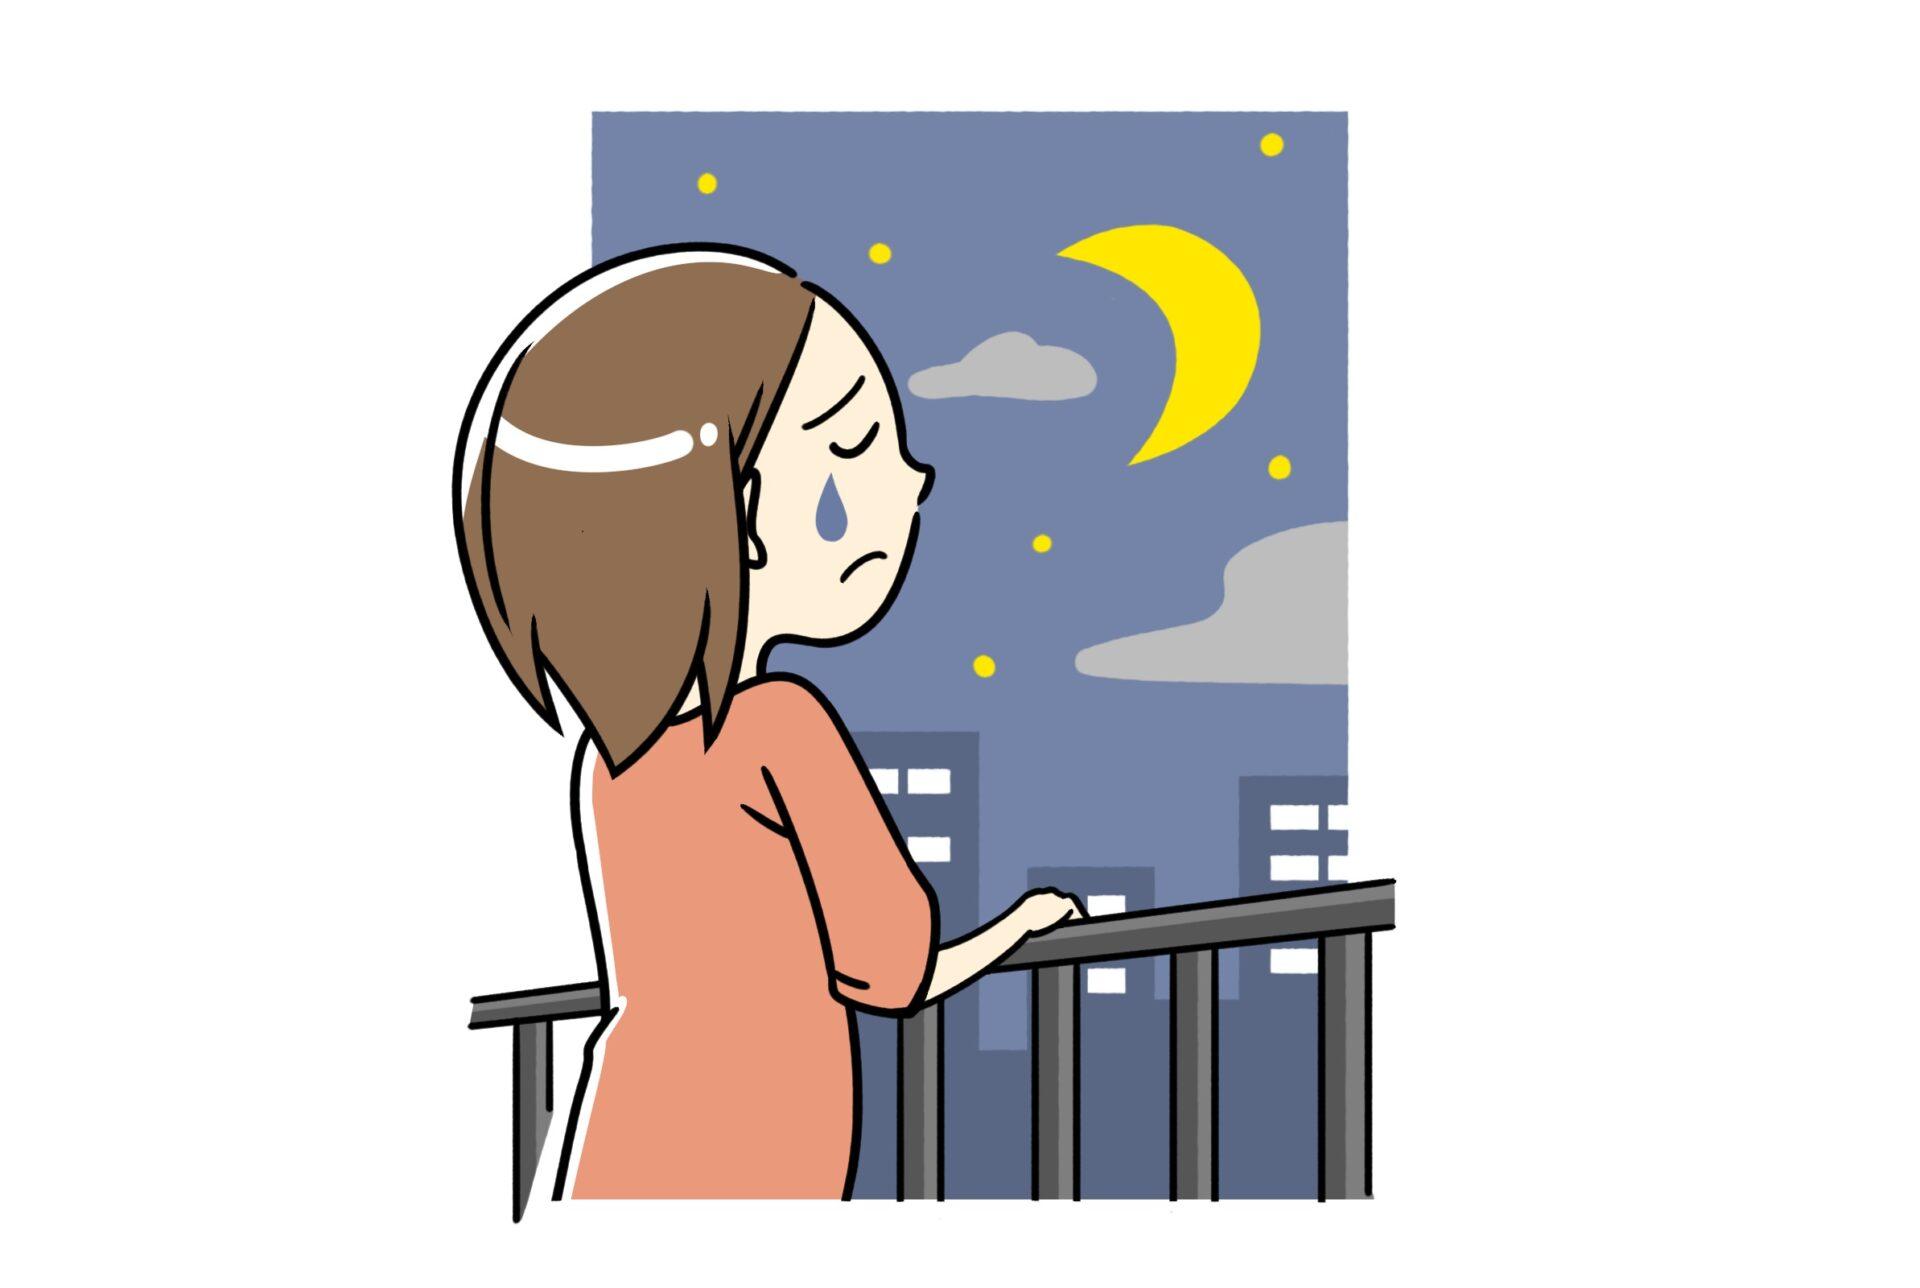 寂しい、孤独感でひとりぼっちのどうしようもない気分になったときには。